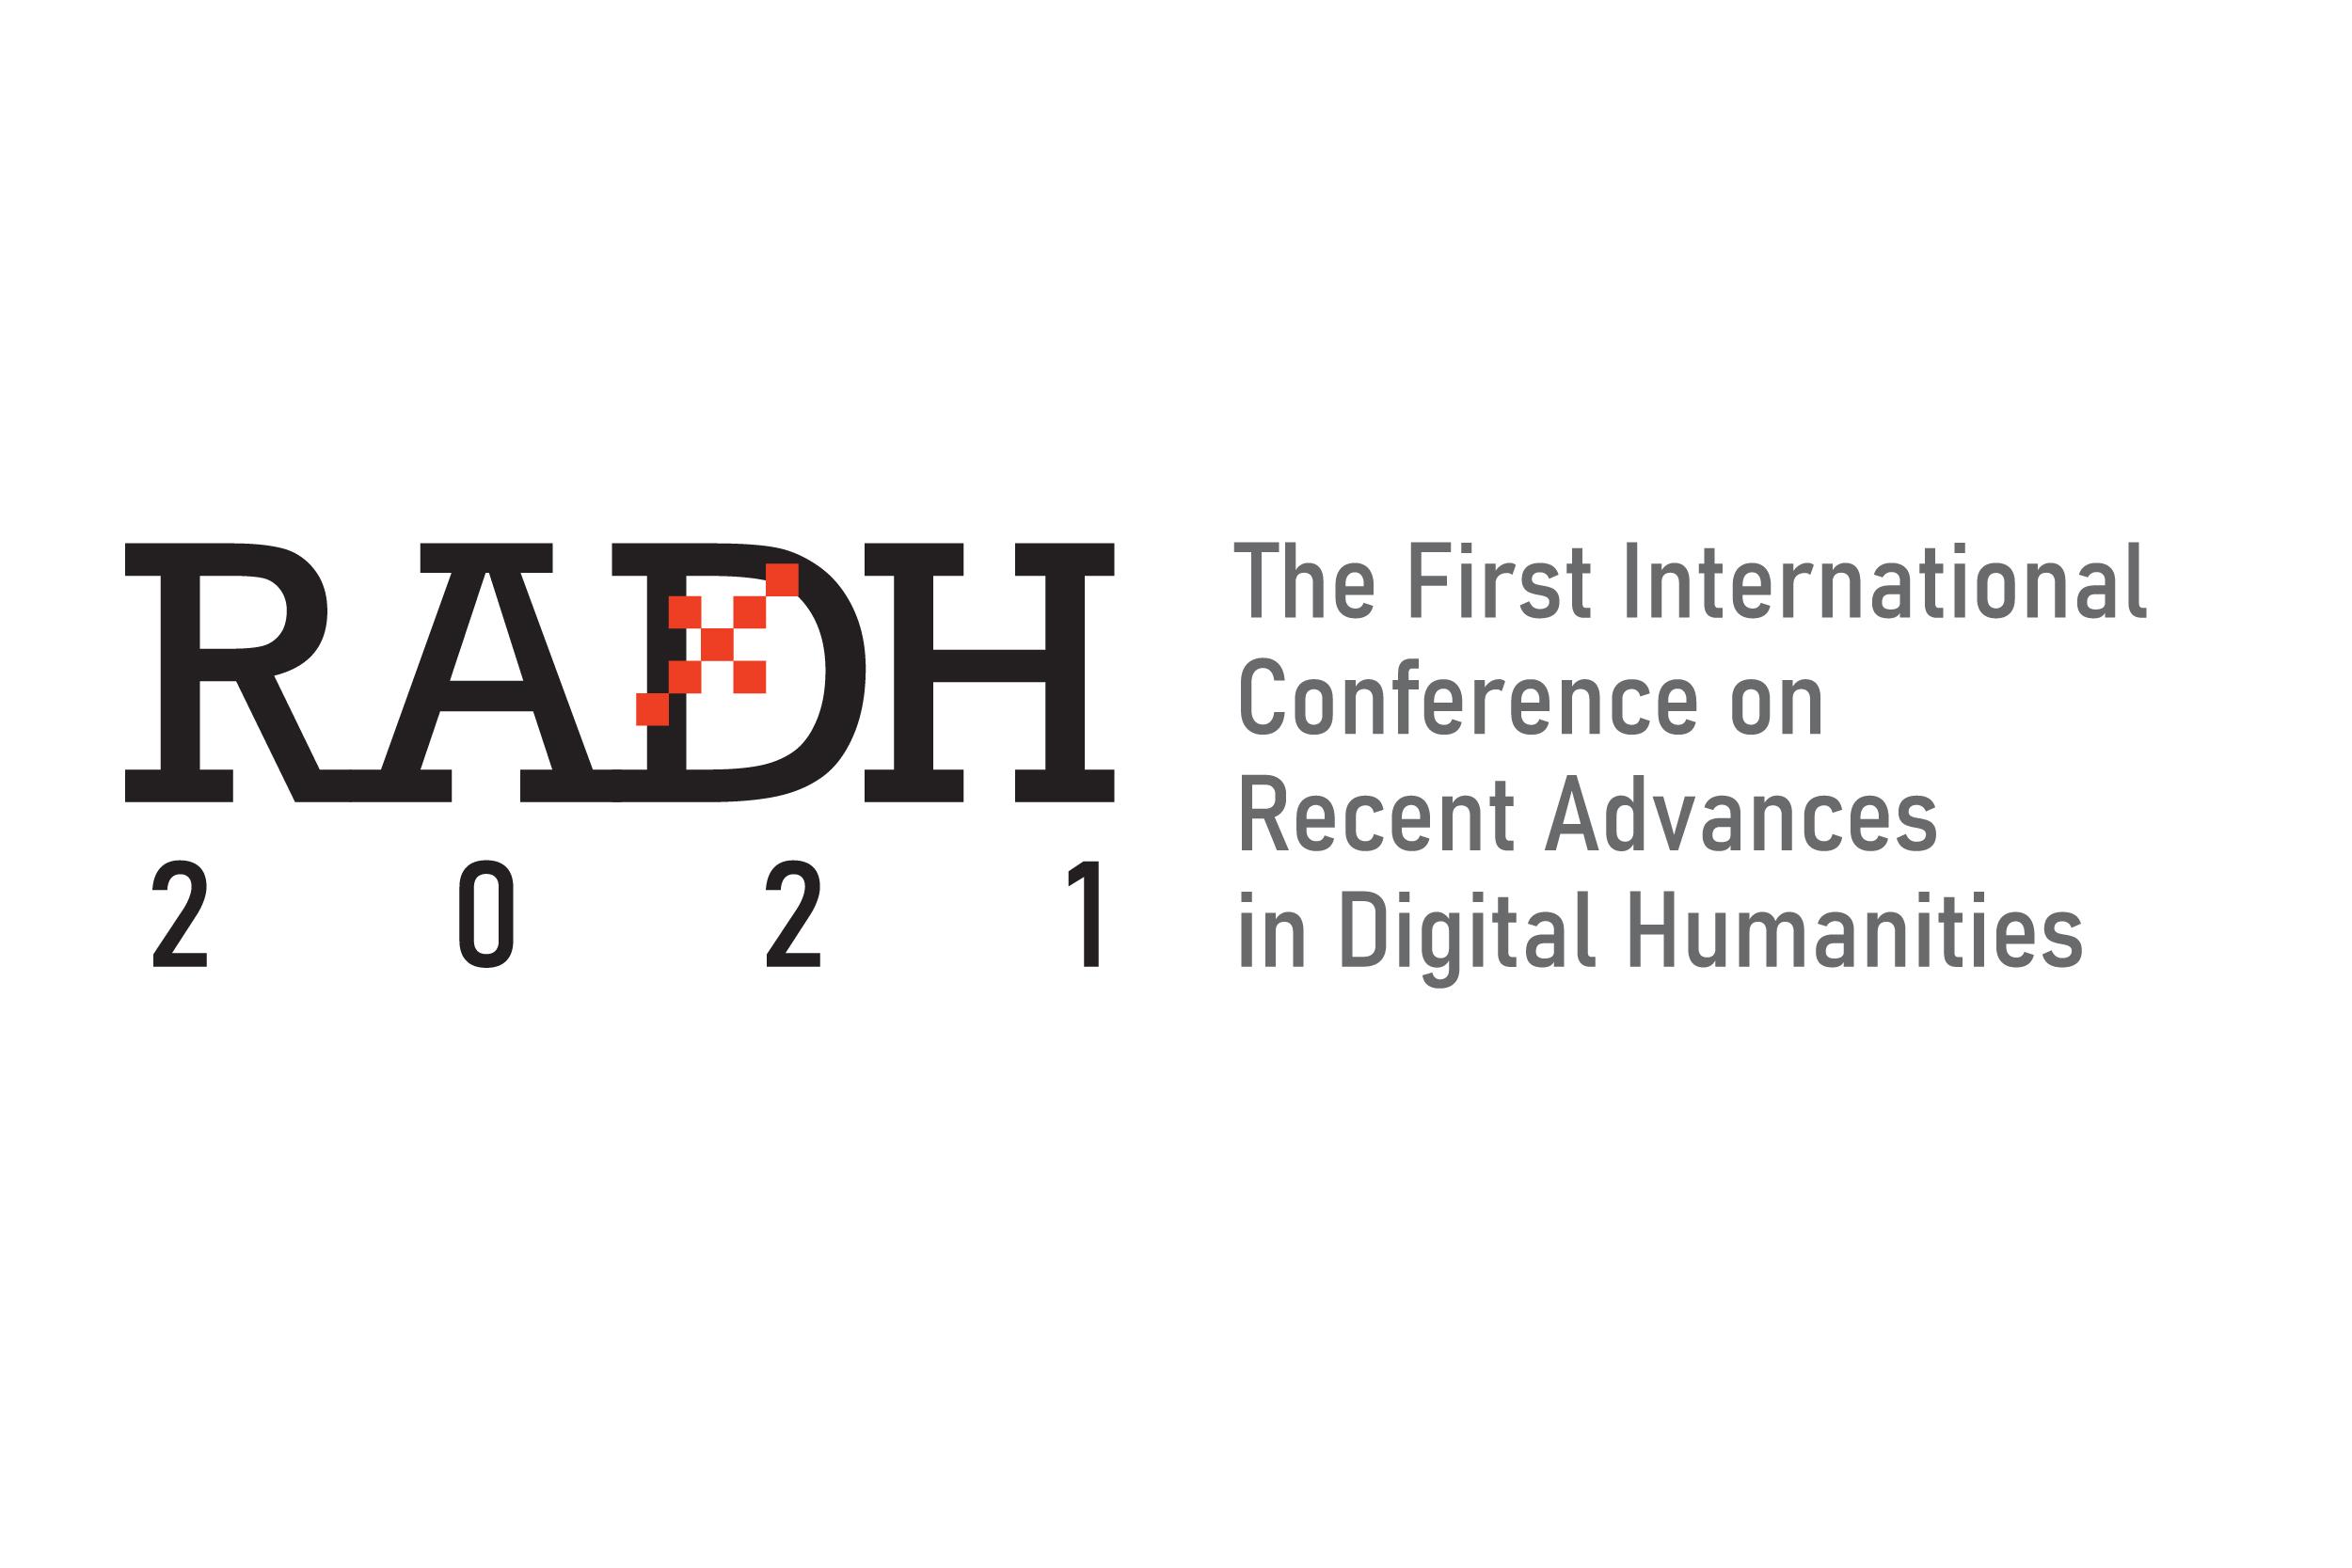 Recent Advances in Digital Humanities